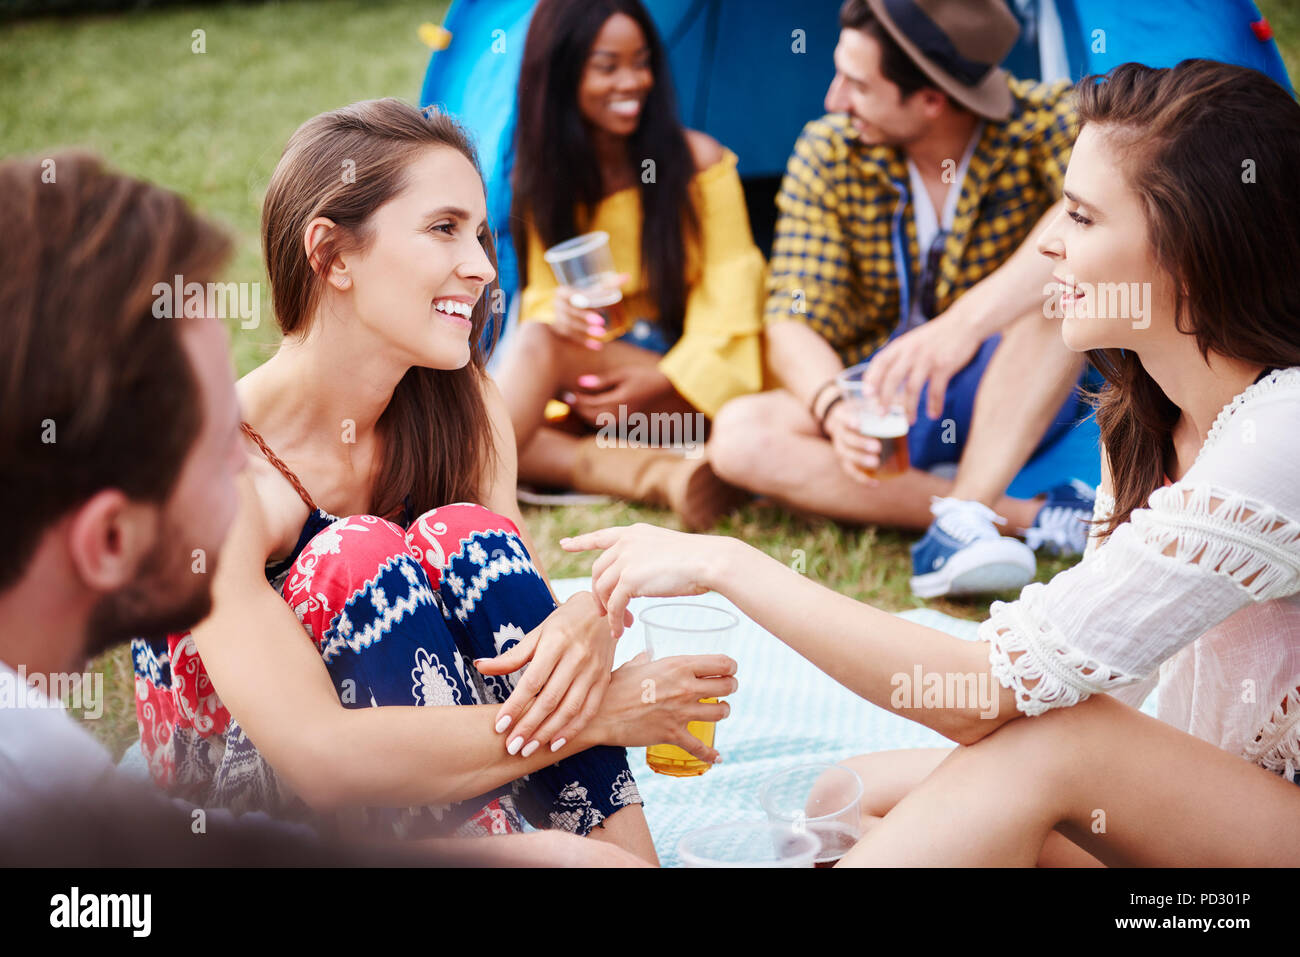 Freunde sitzen und genießen Musik Festival Stockbild